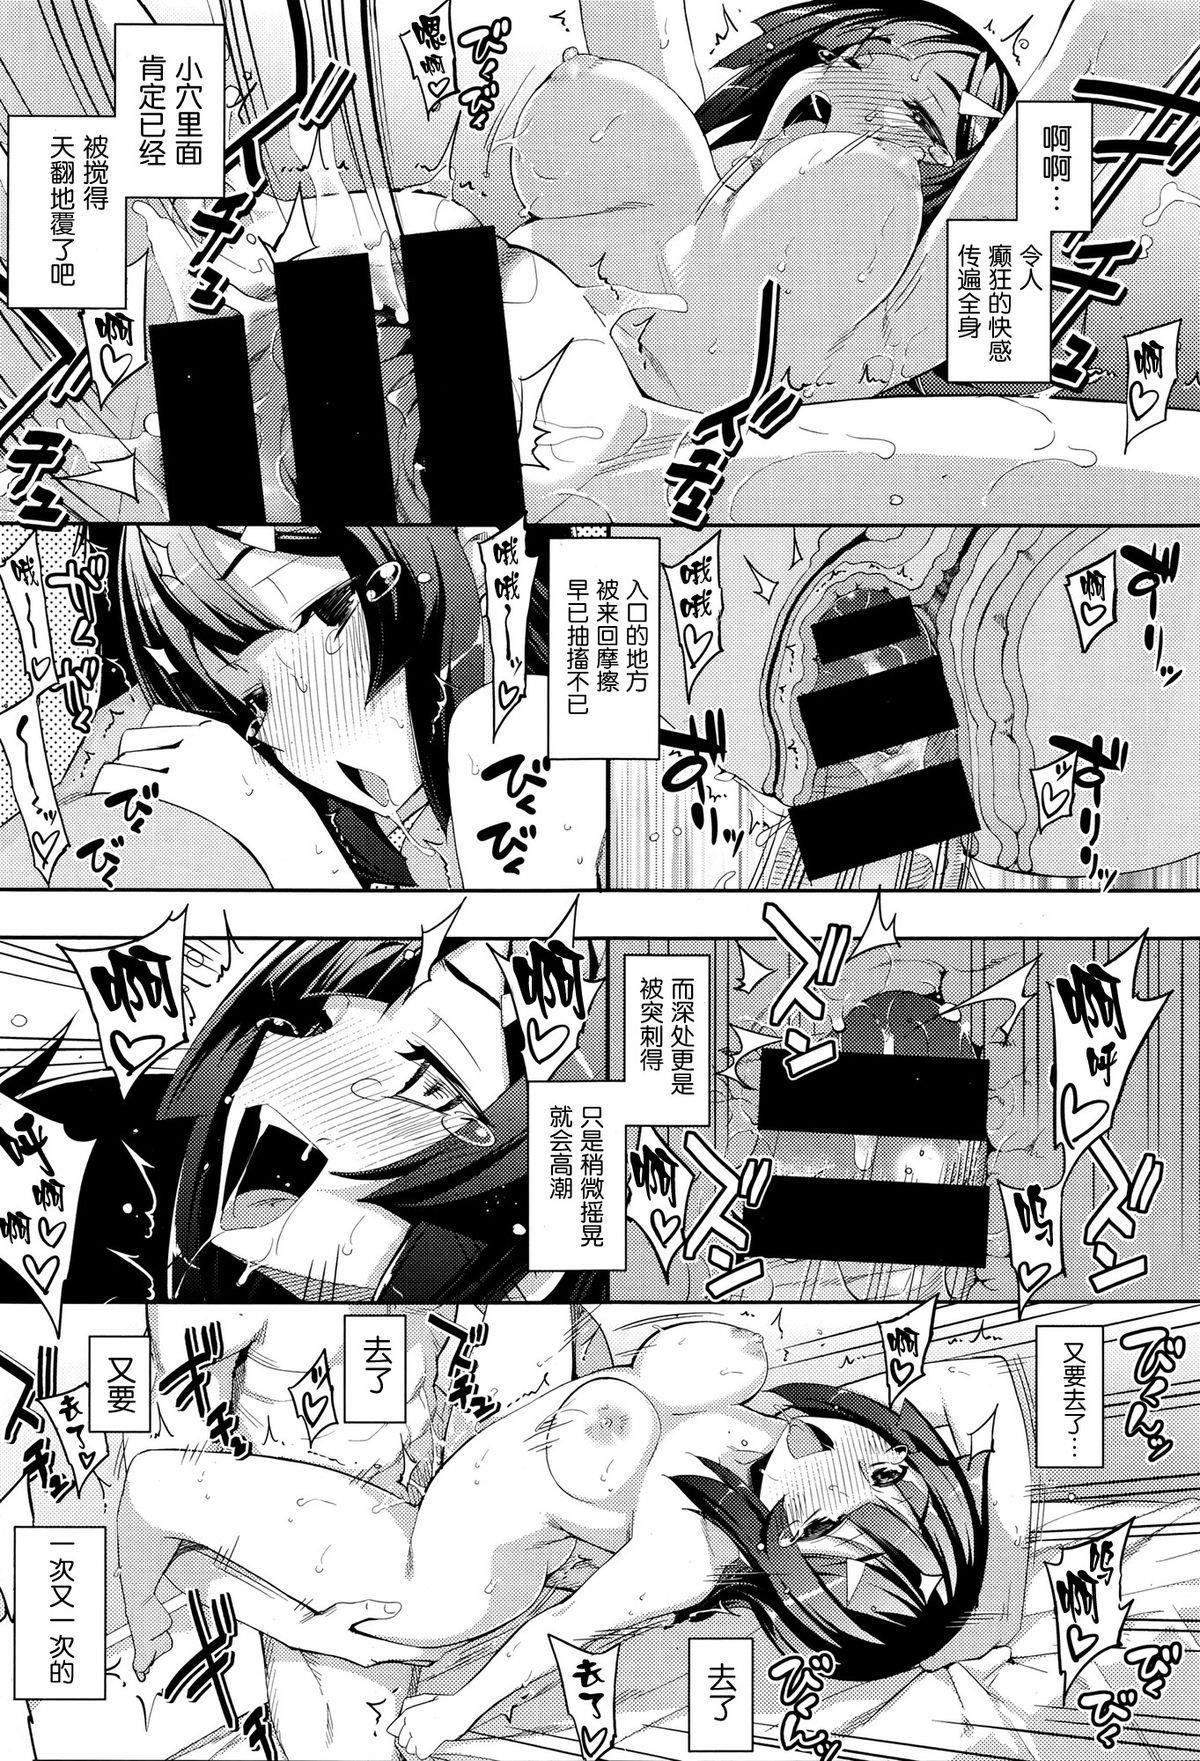 Fukutsu no Perorist 29